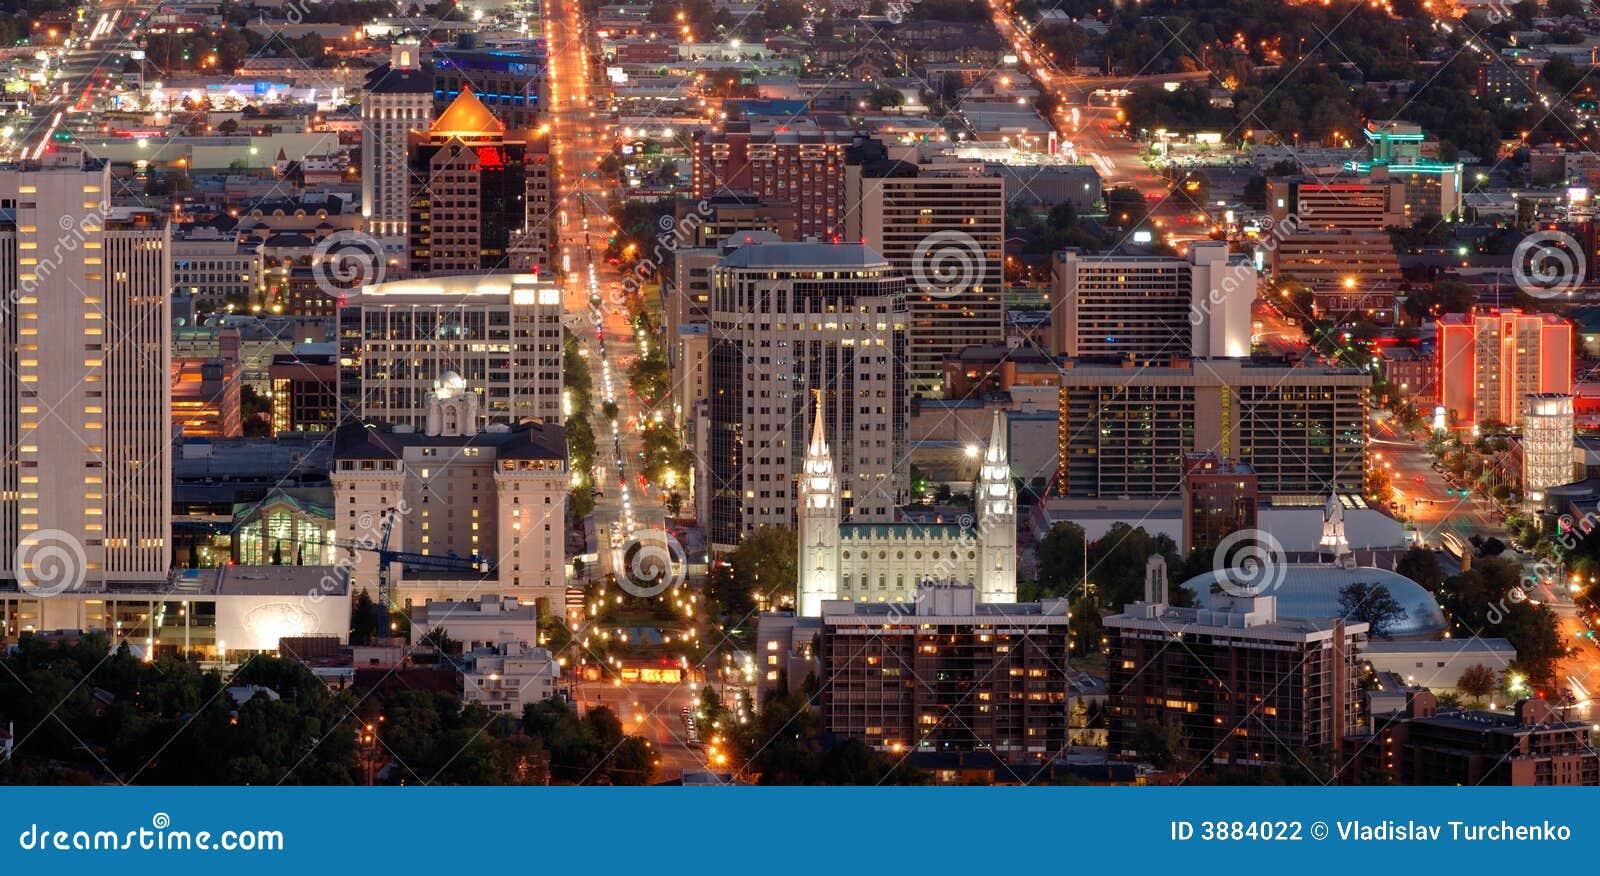 Salt Lake City downtown